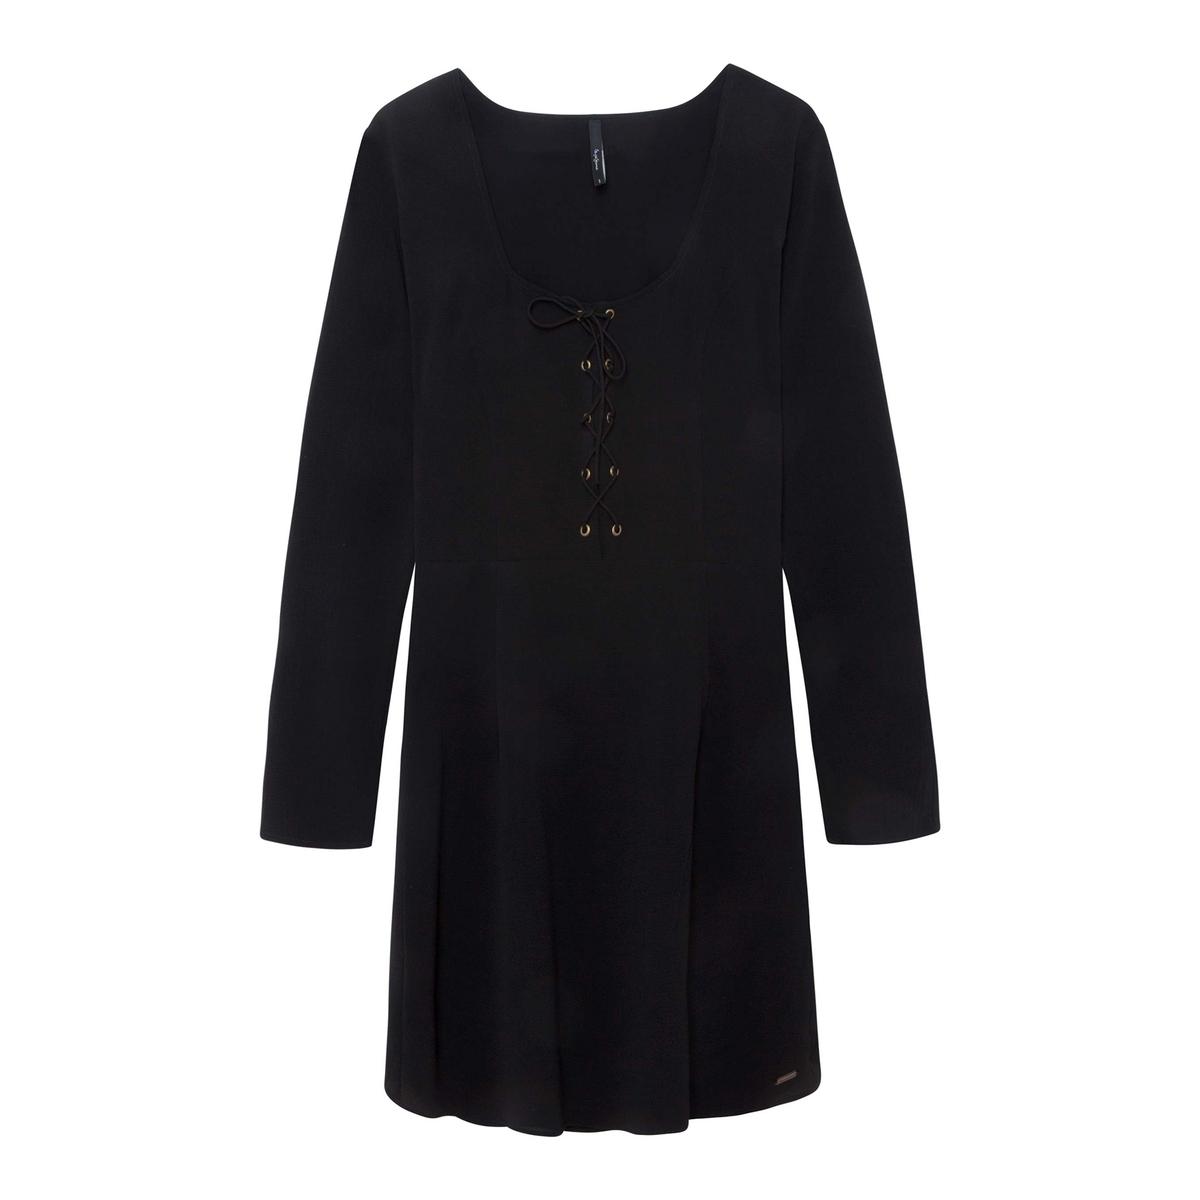 Платье-миди La Redoute Прямое 34 с длинными рукавами S черный кардиган la redoute с длинными рукавами galinais s черный